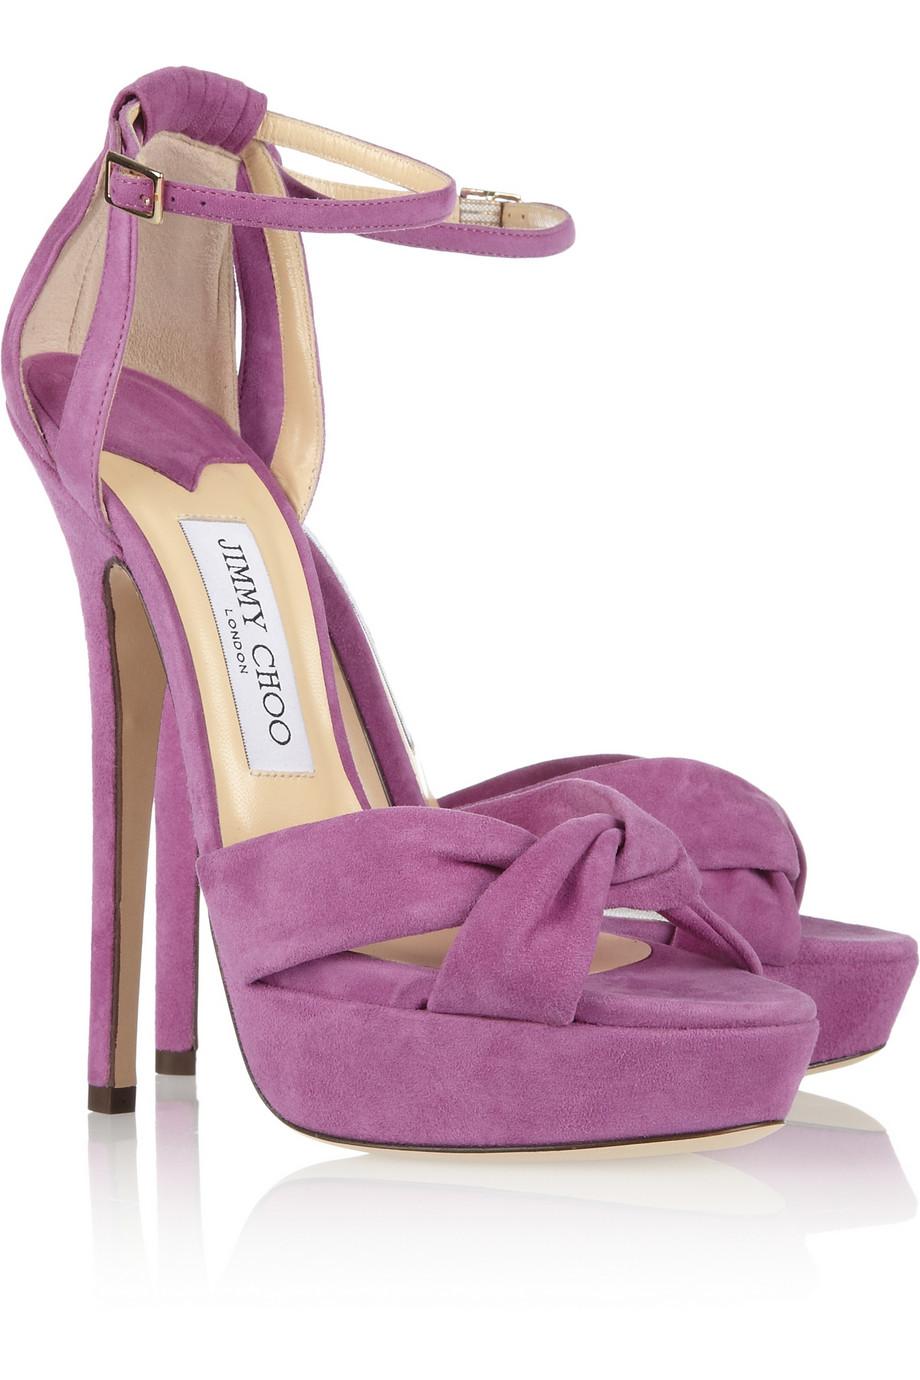 97fabf2b71e Lyst - Jimmy Choo Greta Suede Sandals in Purple